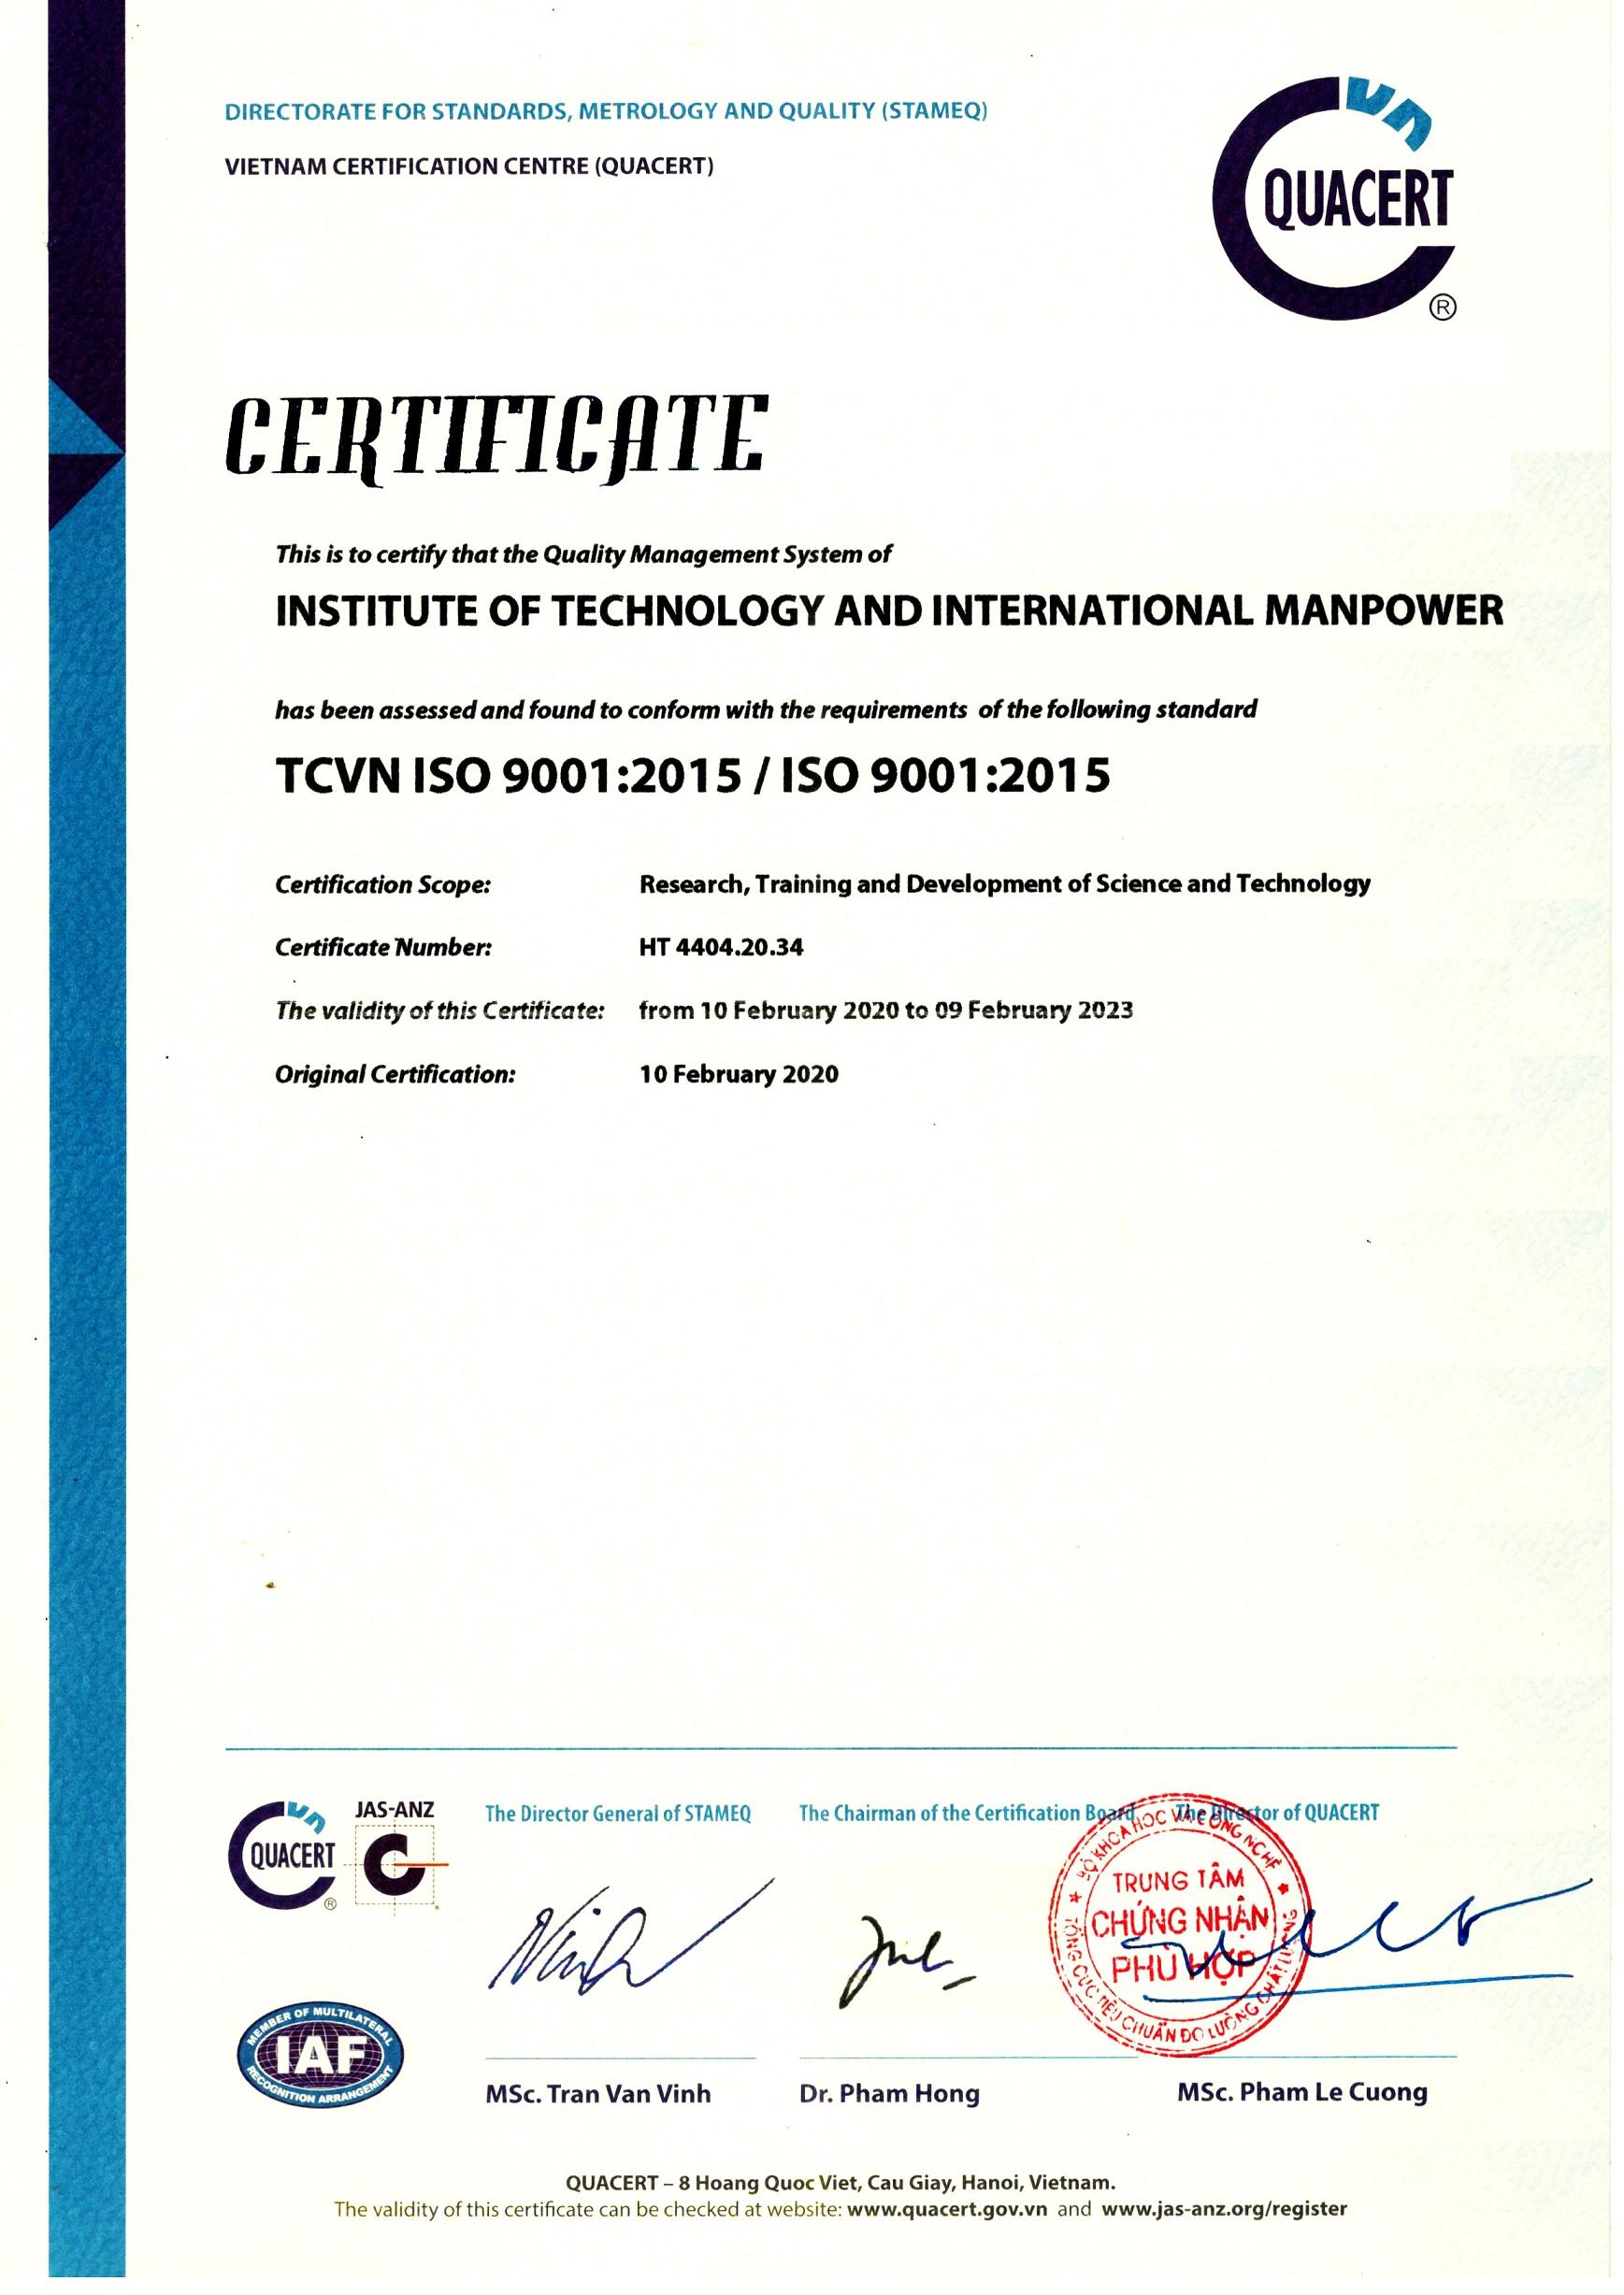 ITIM đón nhận Chứng nhận Hệ thống Quản lý Chất lượng ISO 9001:2015